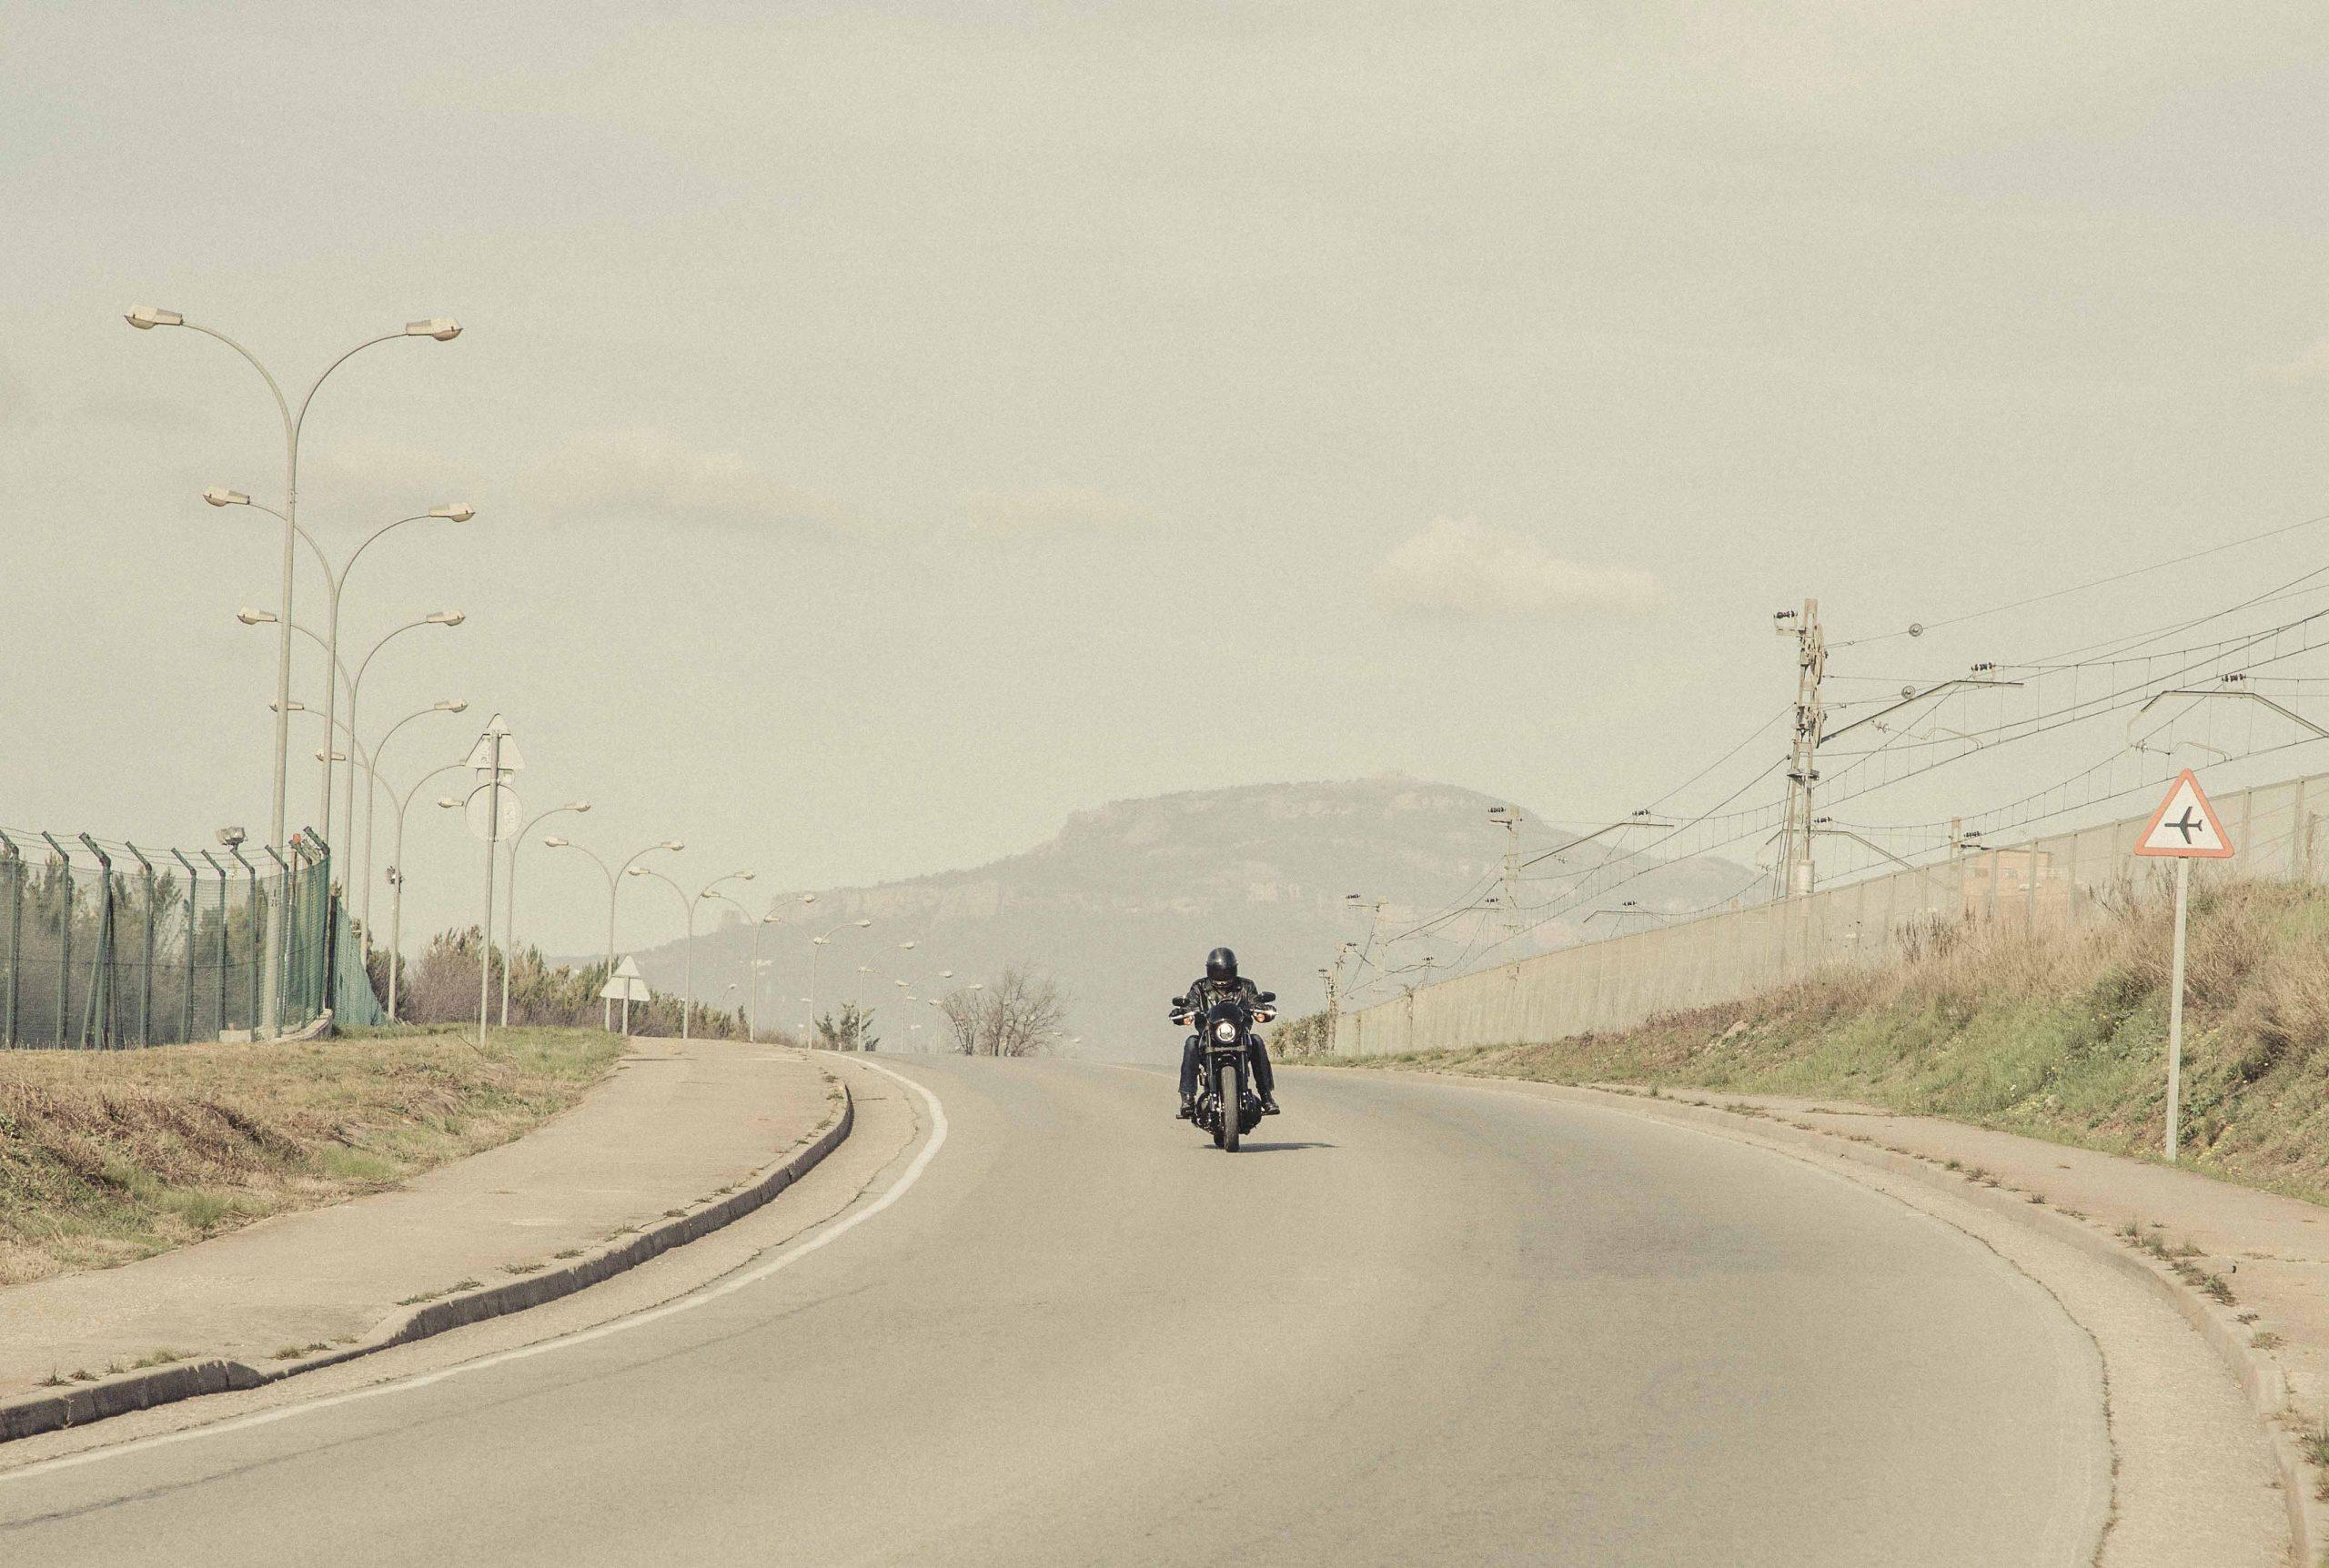 2fotografia-motos-motor-motosnet-dosruedas-fotografa-barcelona-motocicleta-harley